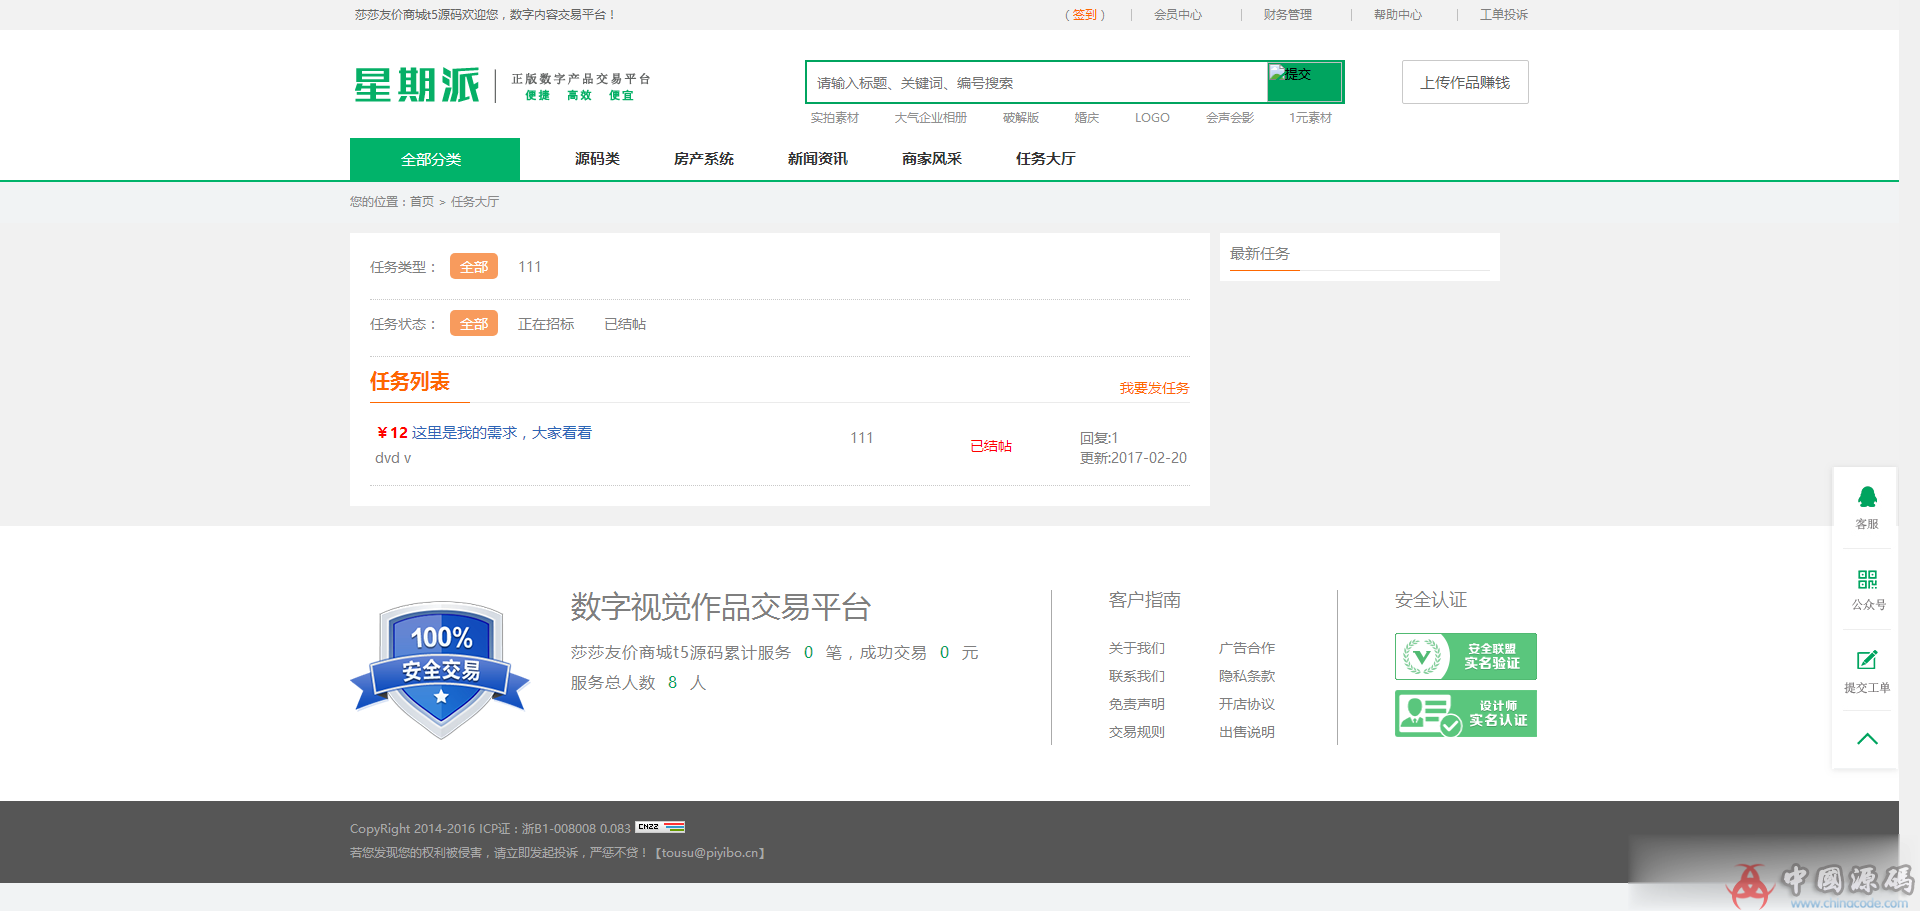 星期派正版数字交易平台源码友价T5内核加上星期派源码交易系统绿白风格模板 网站-第9张